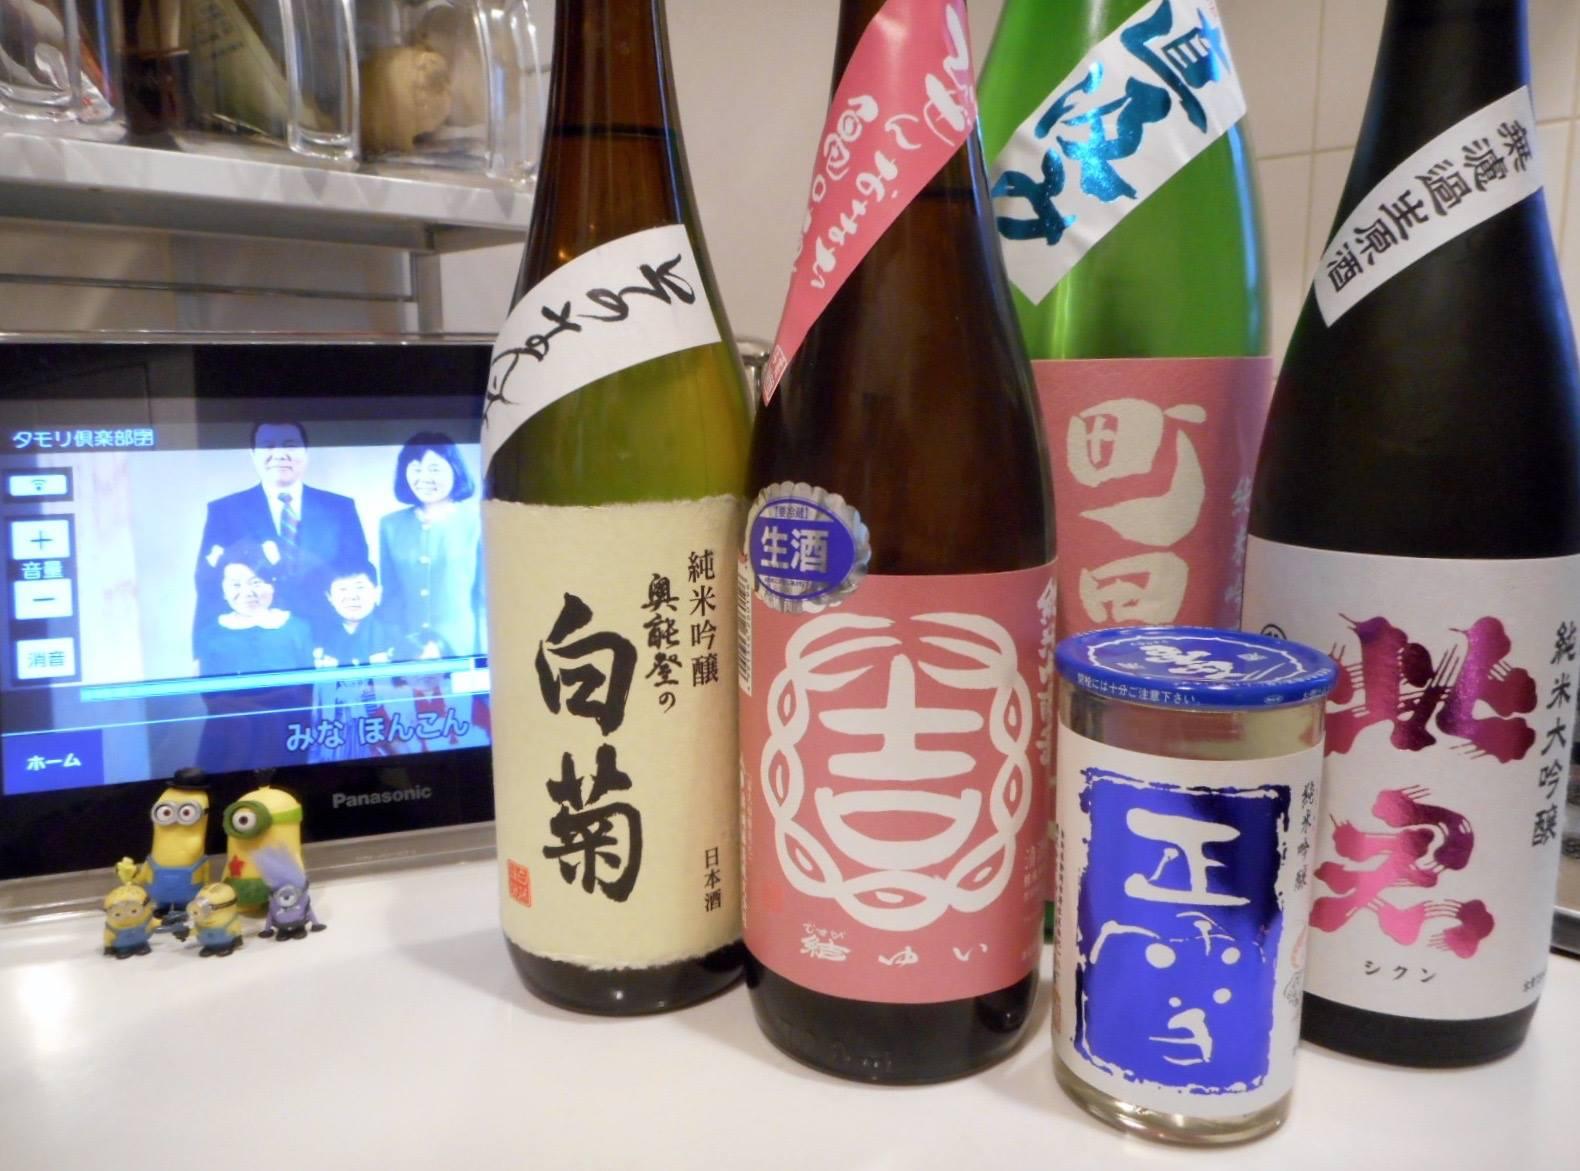 shikun_yui_shiragiku1.jpg